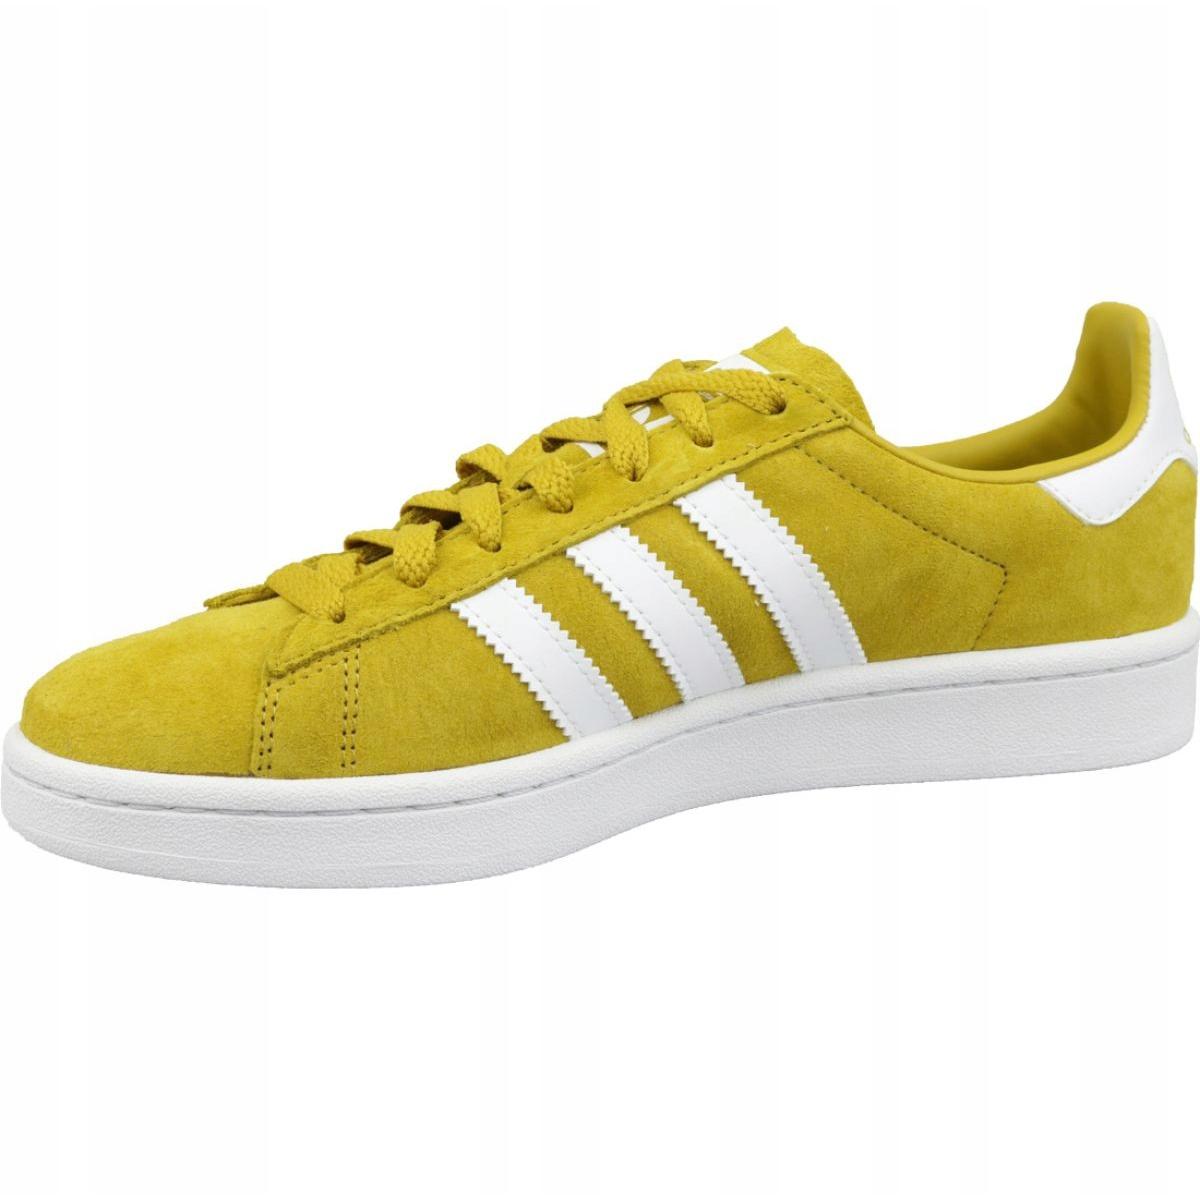 Adidas Originals Campus M CM8444 shoes yellow